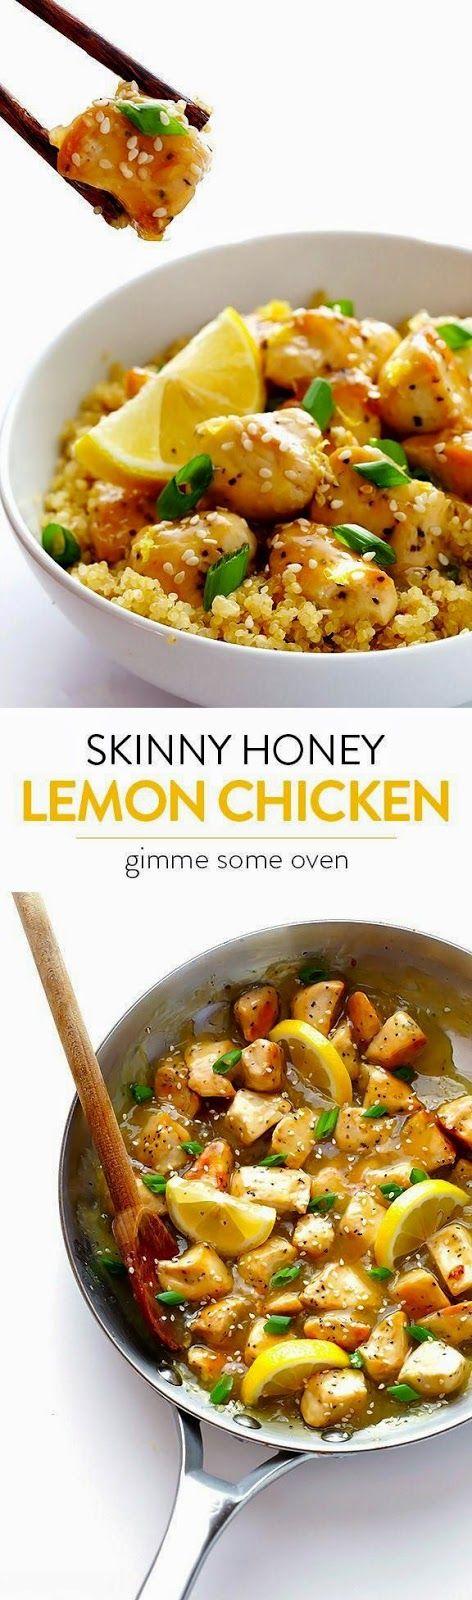 SKINNY HONEY LEMON CHICKEN